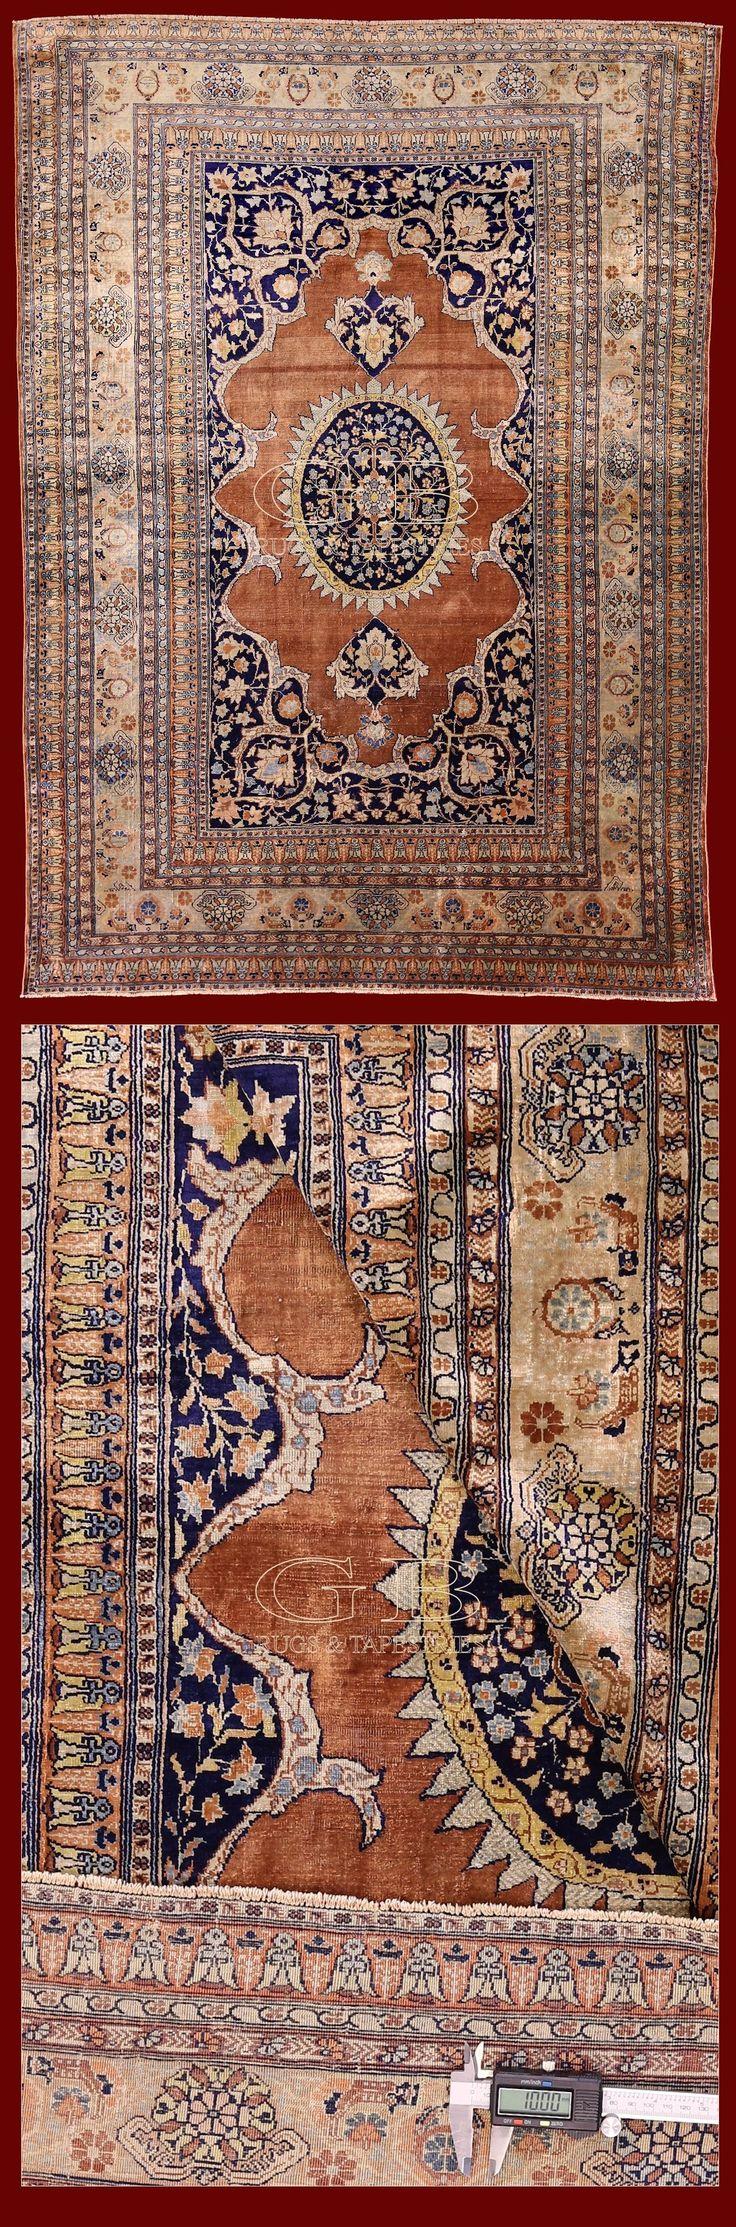 Heriz seta antico, Iran, <h2>tappeti antichi per collezionisti e da investimento, il meglio della collezione gb-rugs.</h2> tappeti unici sotto ogni aspetto